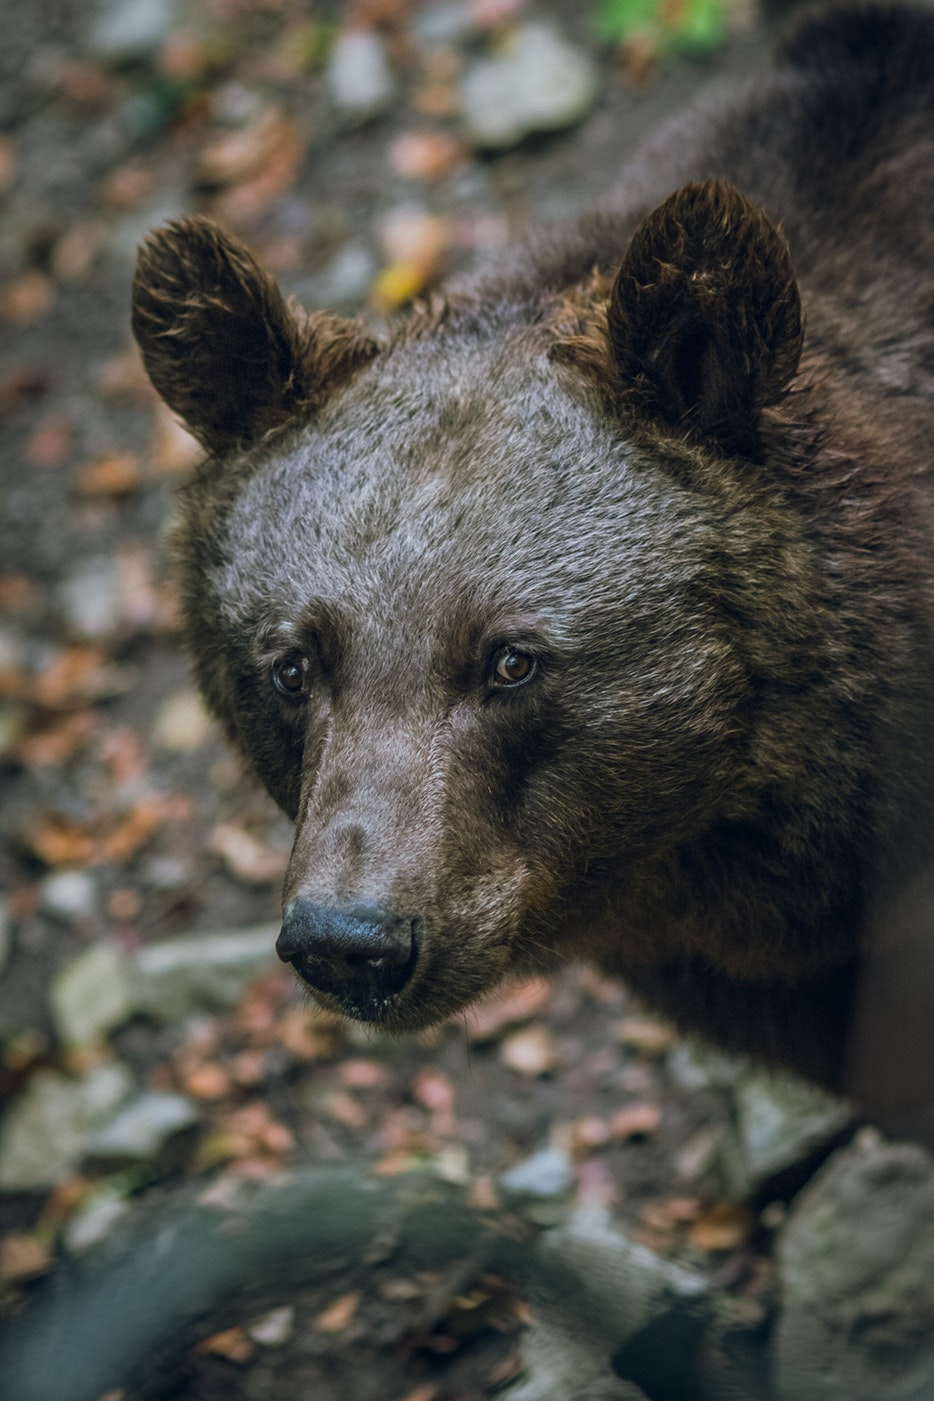 加拿大黑熊狩猎14天